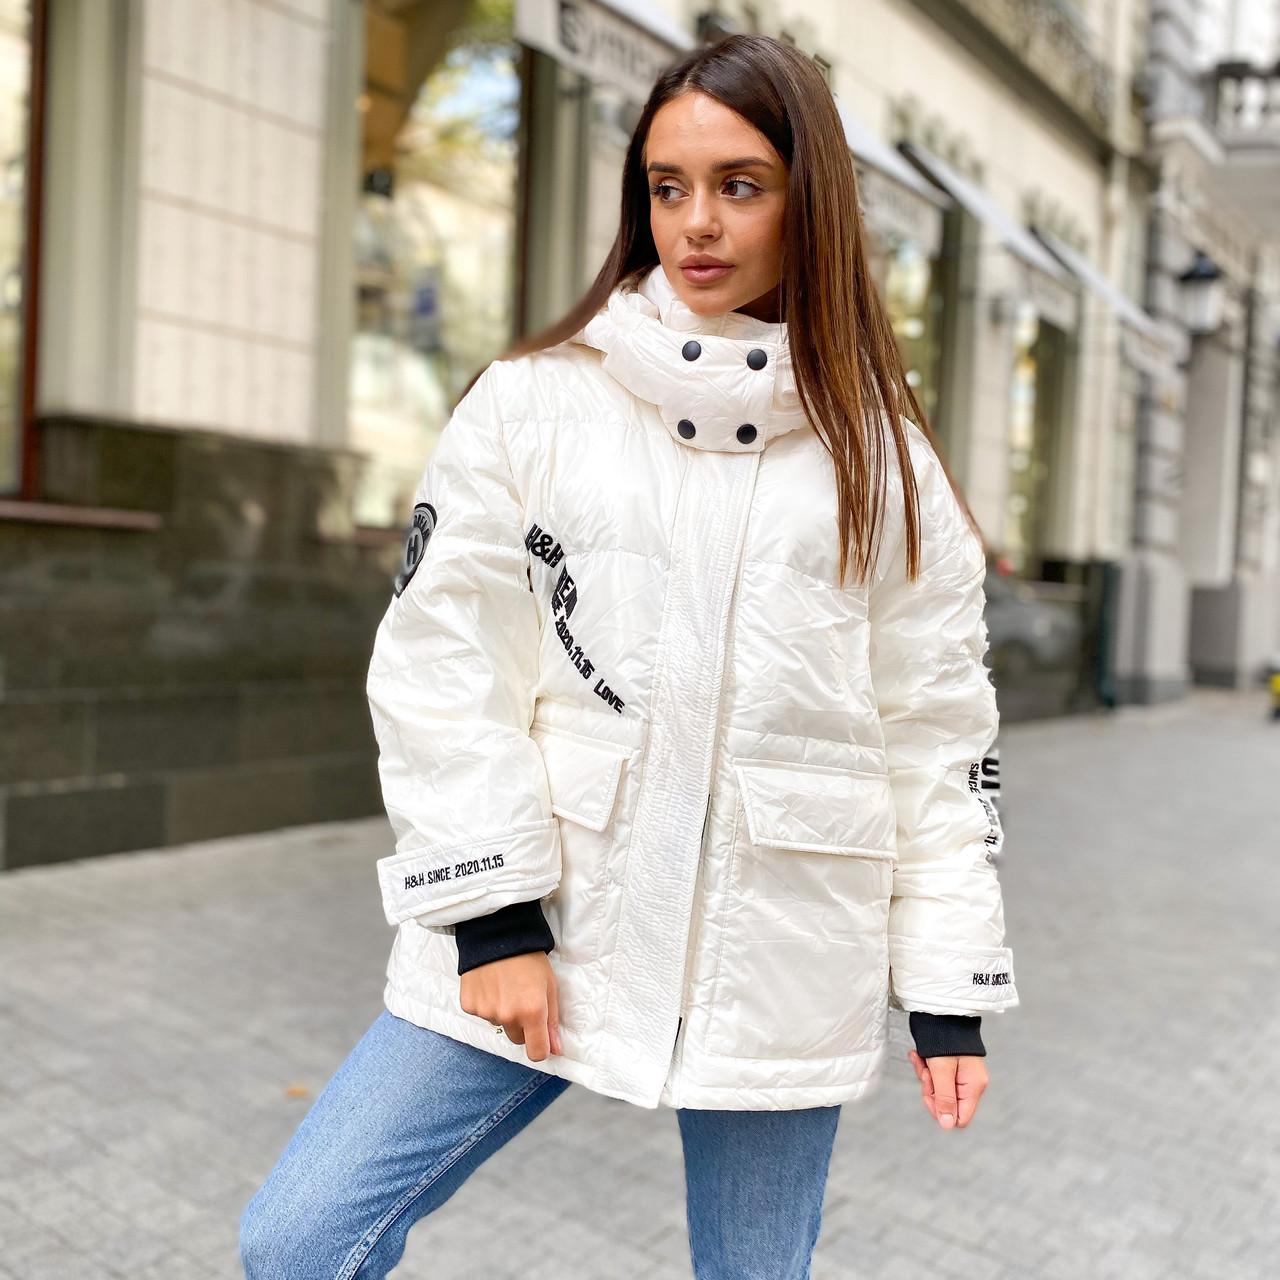 Женский укороченный объемный зимний пуховик, парка, куртка с утиным пухом глянцевый белый